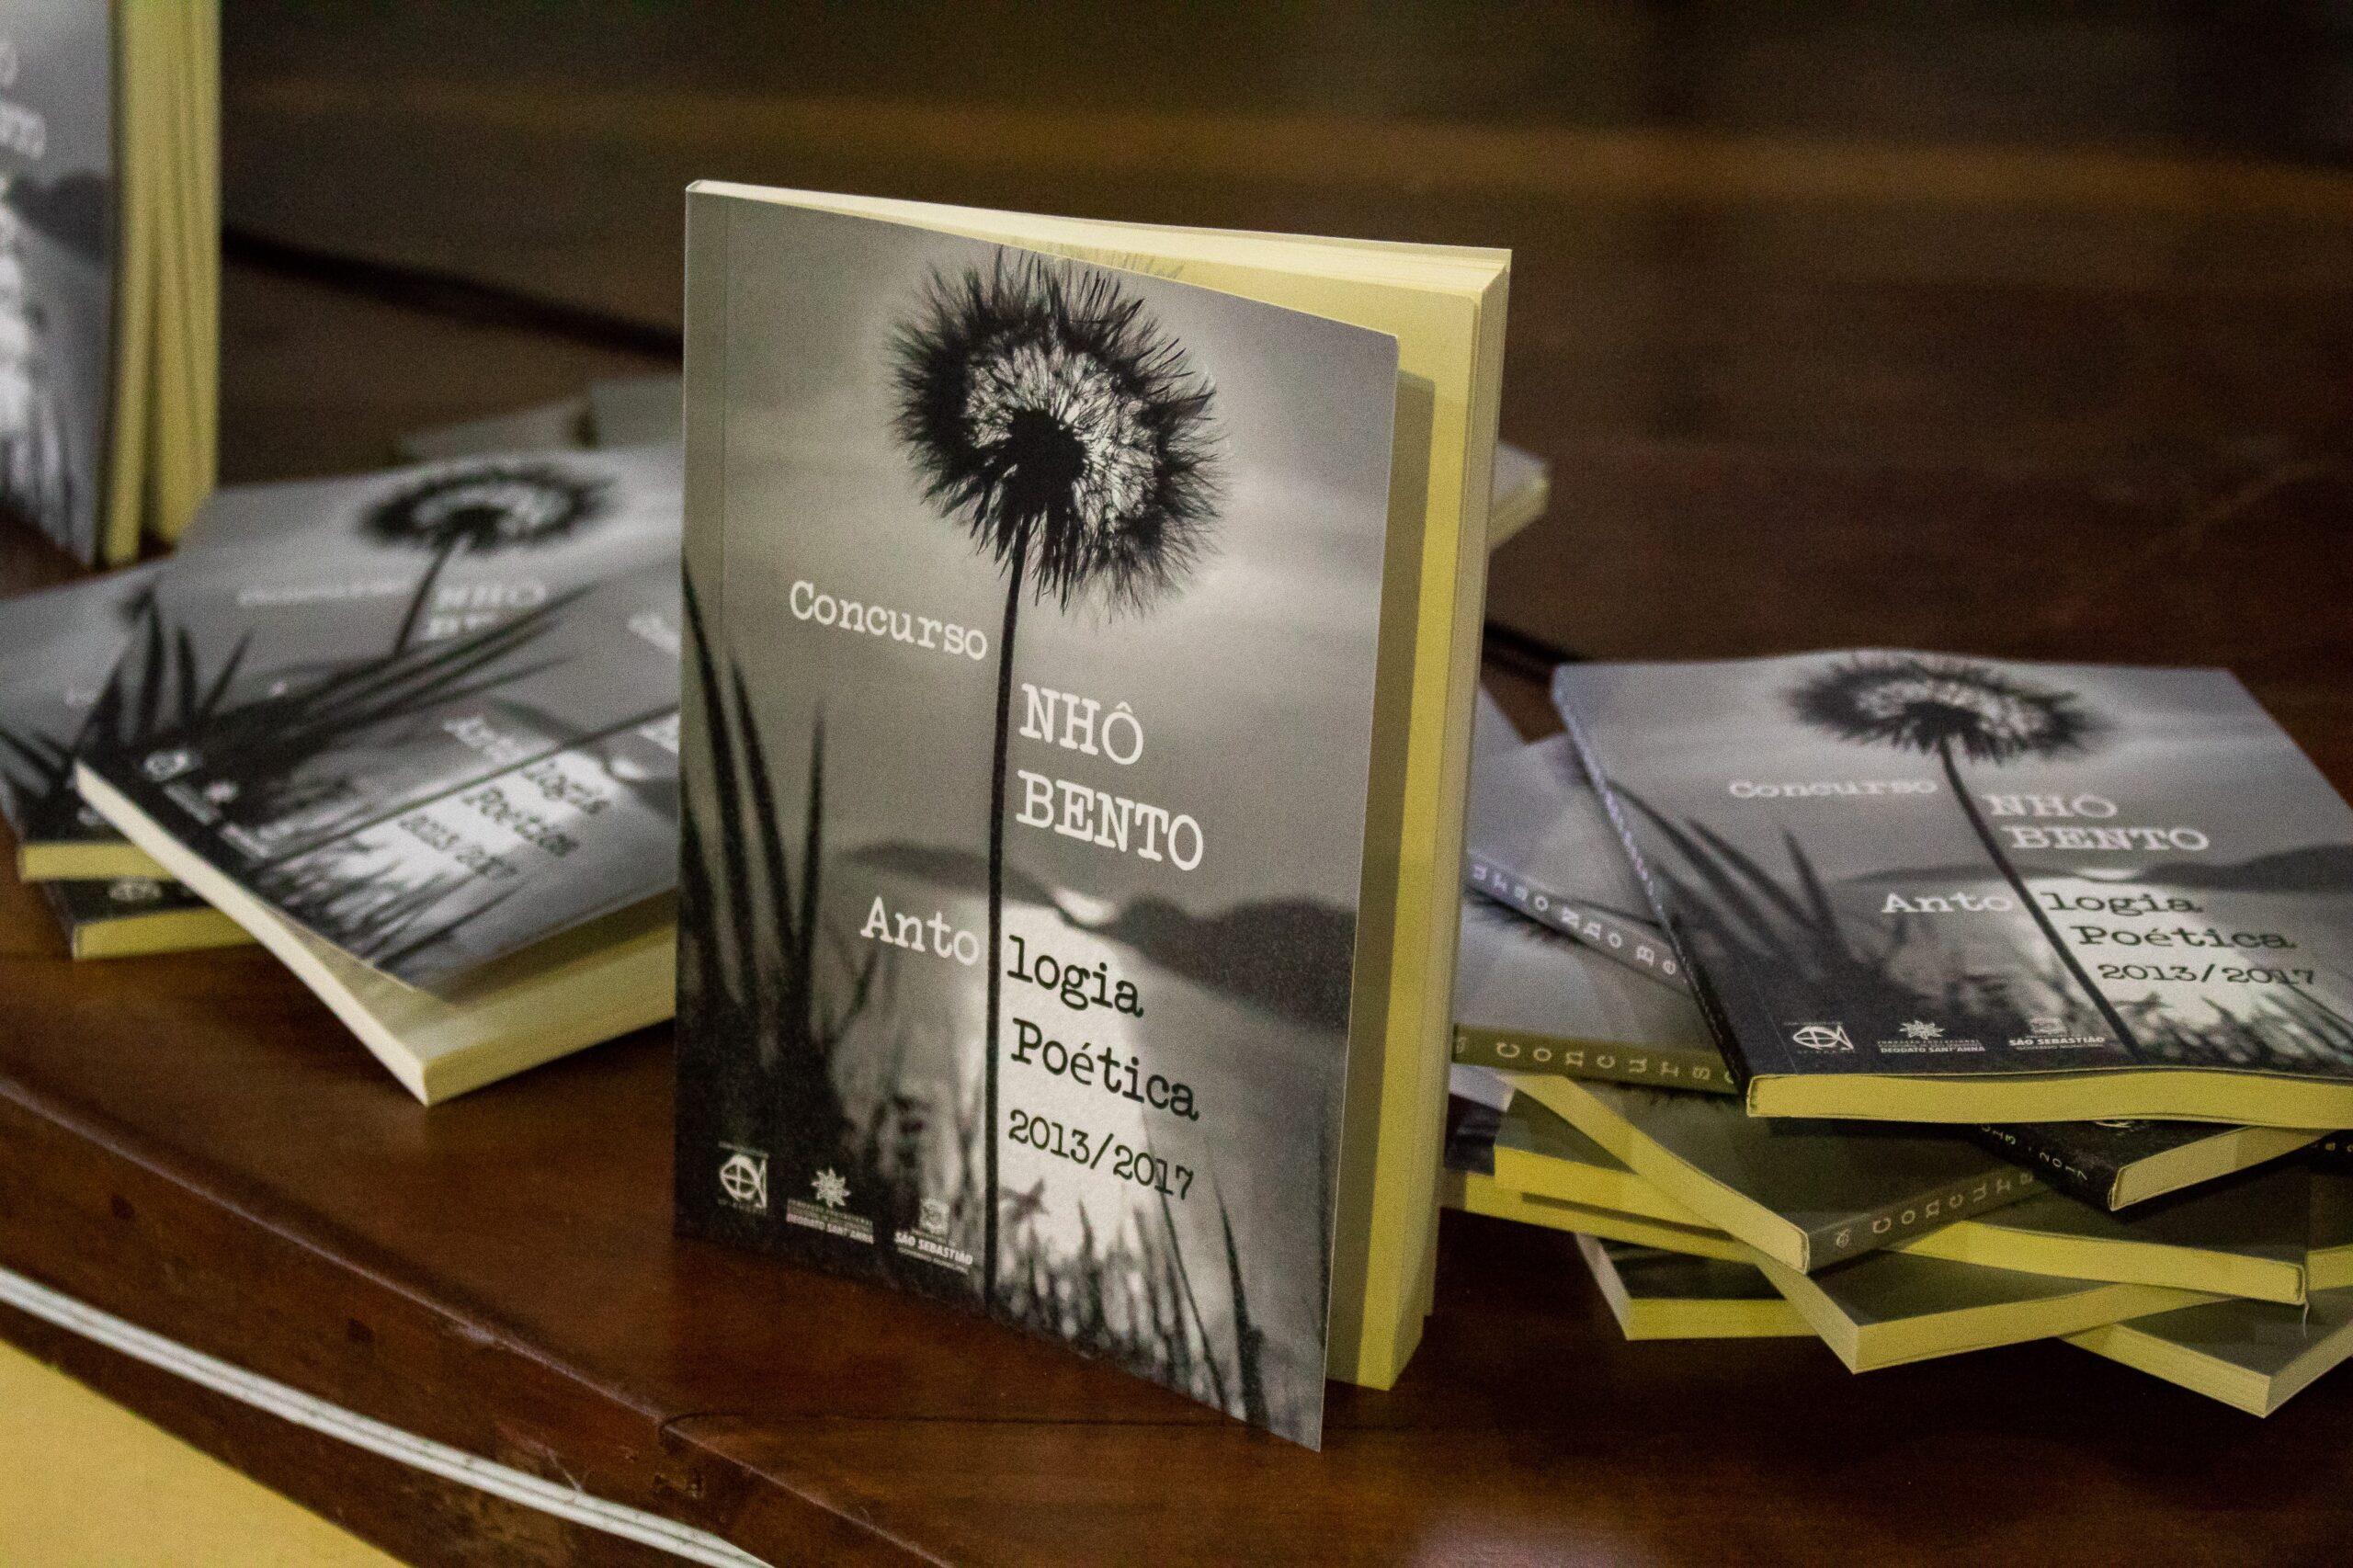 Prefeitura de São Sebastião divulga selecionados do 37º Concurso de Poesia